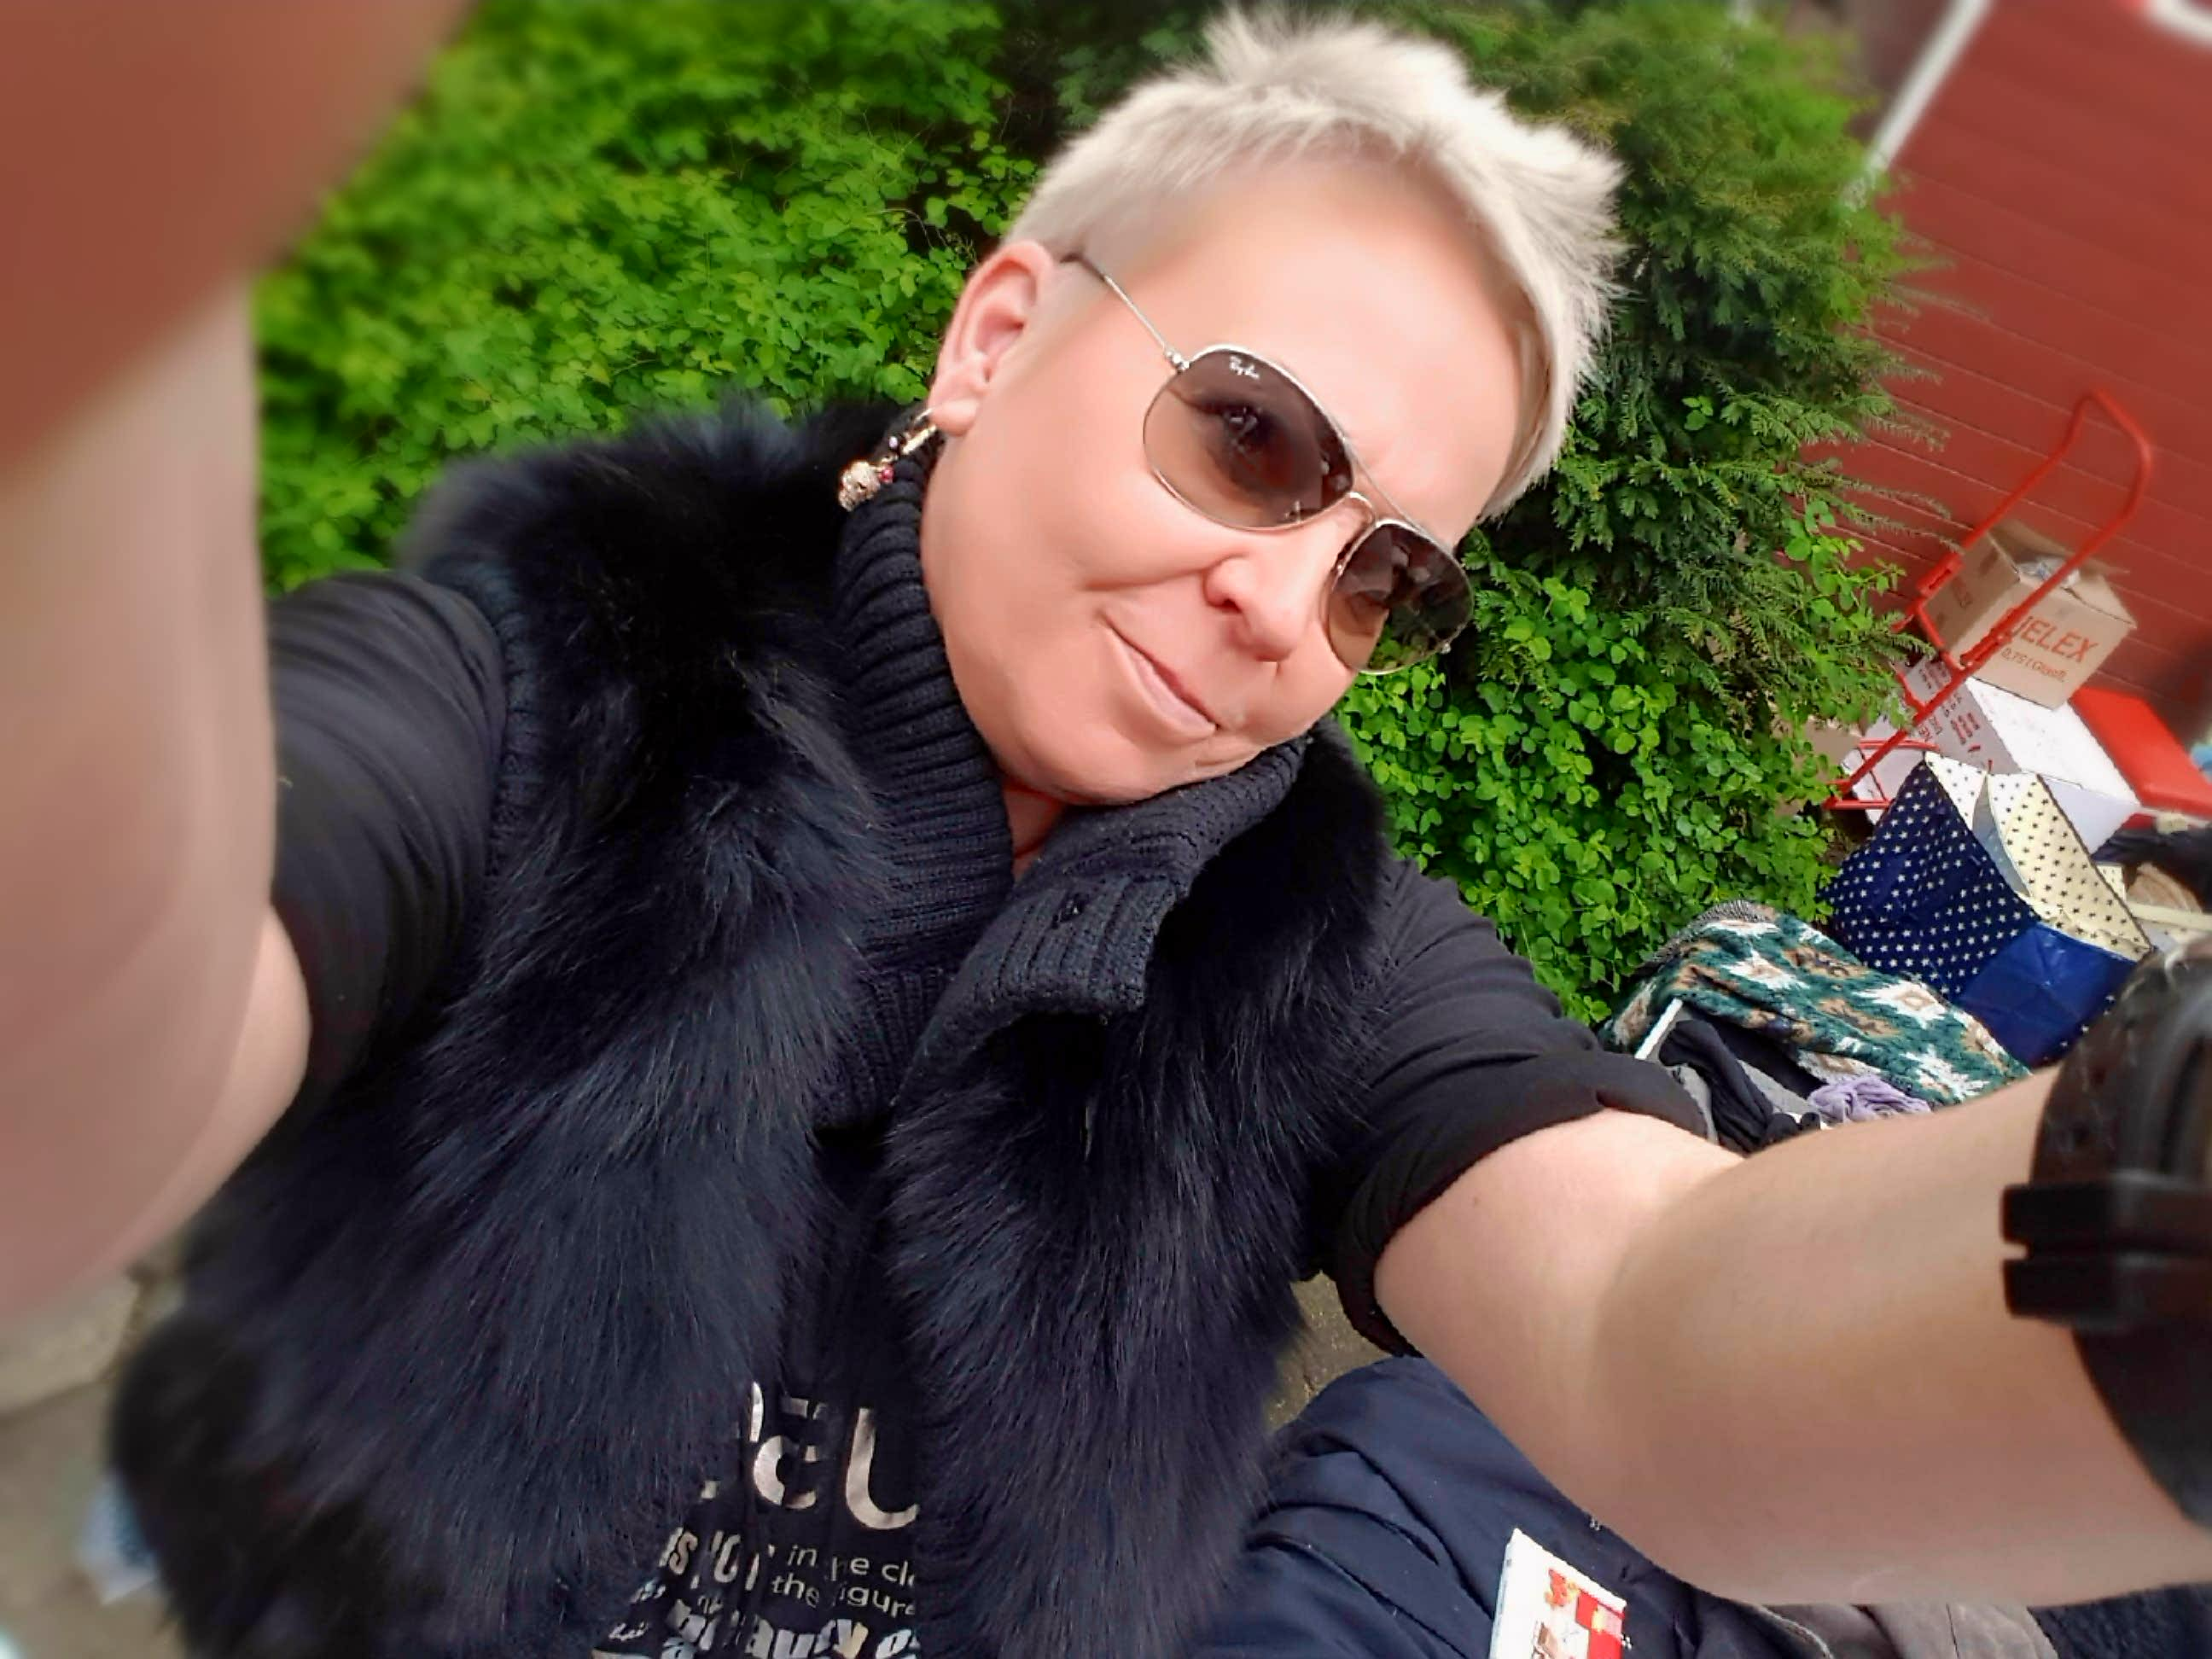 Am Brink, Flohmarkt, Musik, Nachbarschaftsfest, Rock am Brink, Strassenfest, Bergedorf, Hamburg, Bergedorf Blog, Bands, Musik, HEIDI VOM LANDE, Insider für Bergedorf, Veranstaltungstipp